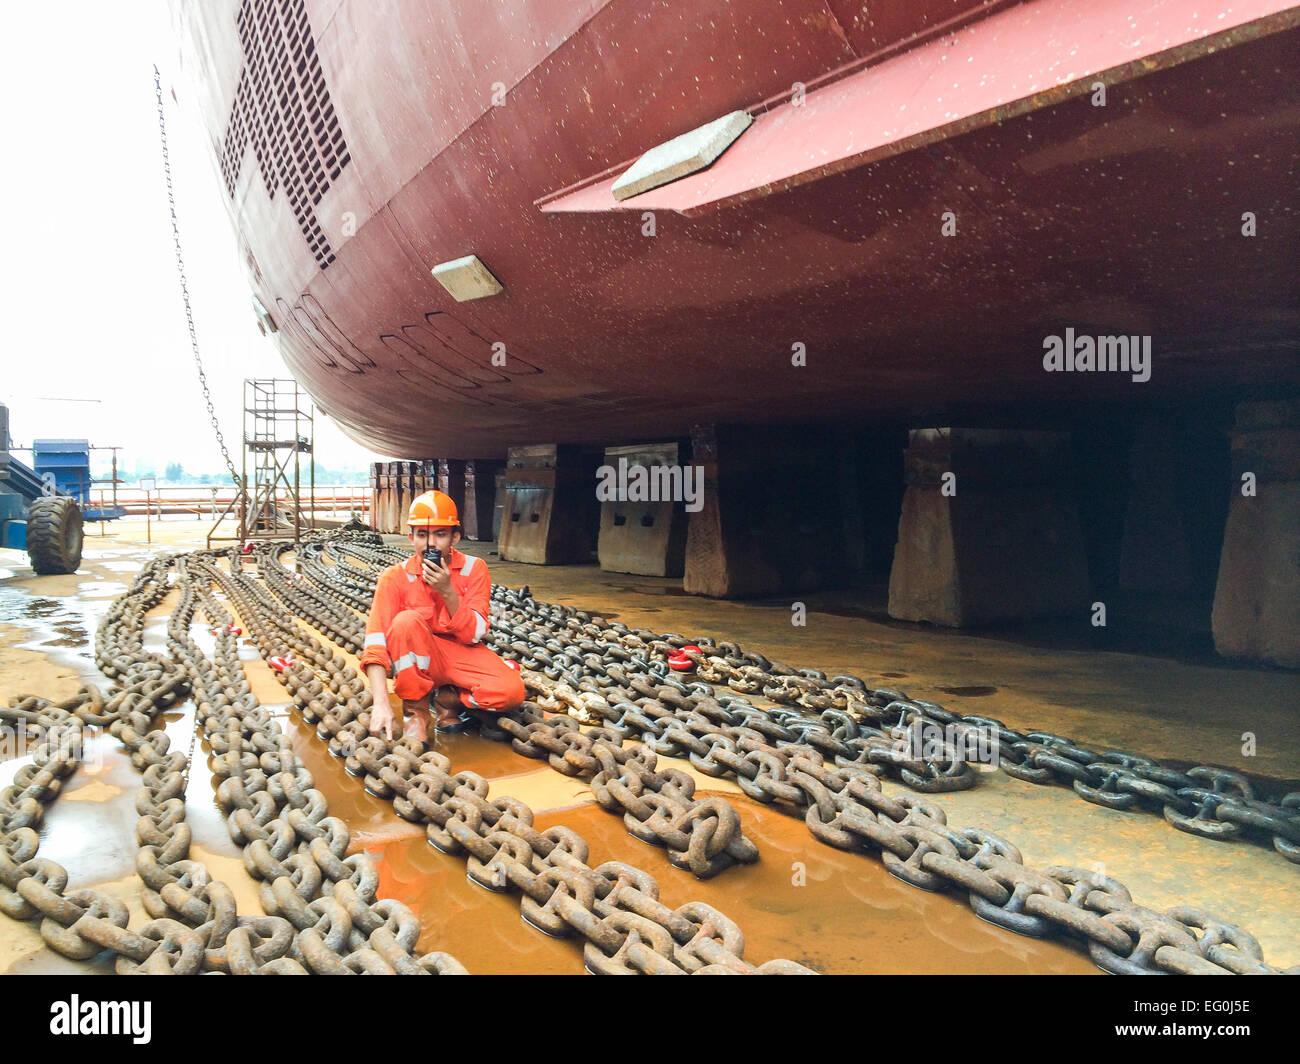 Dock worker in a shipyard talking on a walkie talkie - Stock Image